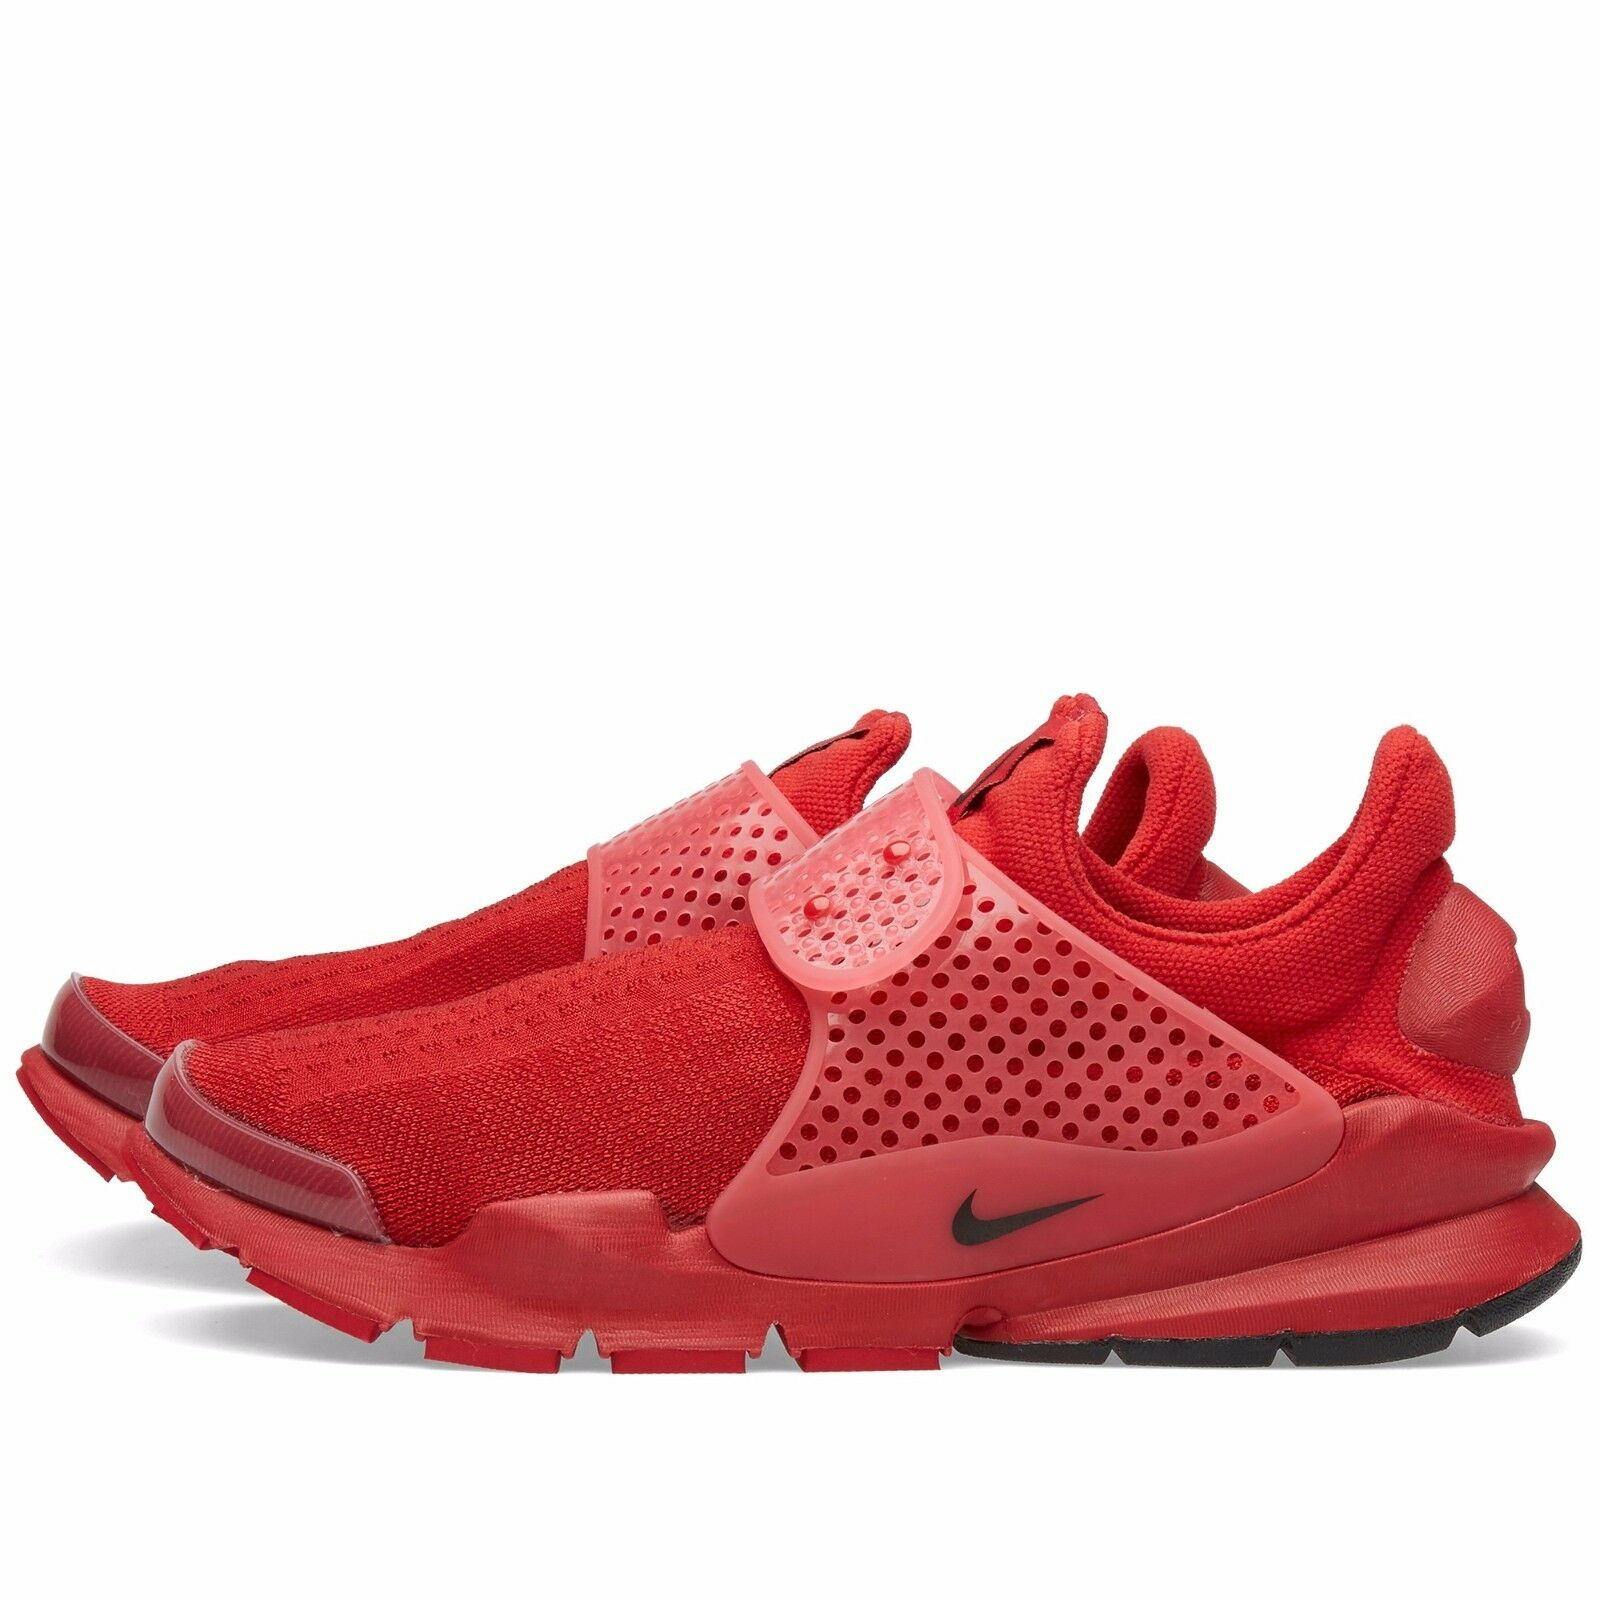 Nike sock dardo giorno dell'indipendenza rosso flyknit frammento design 686058-660 4 luglio